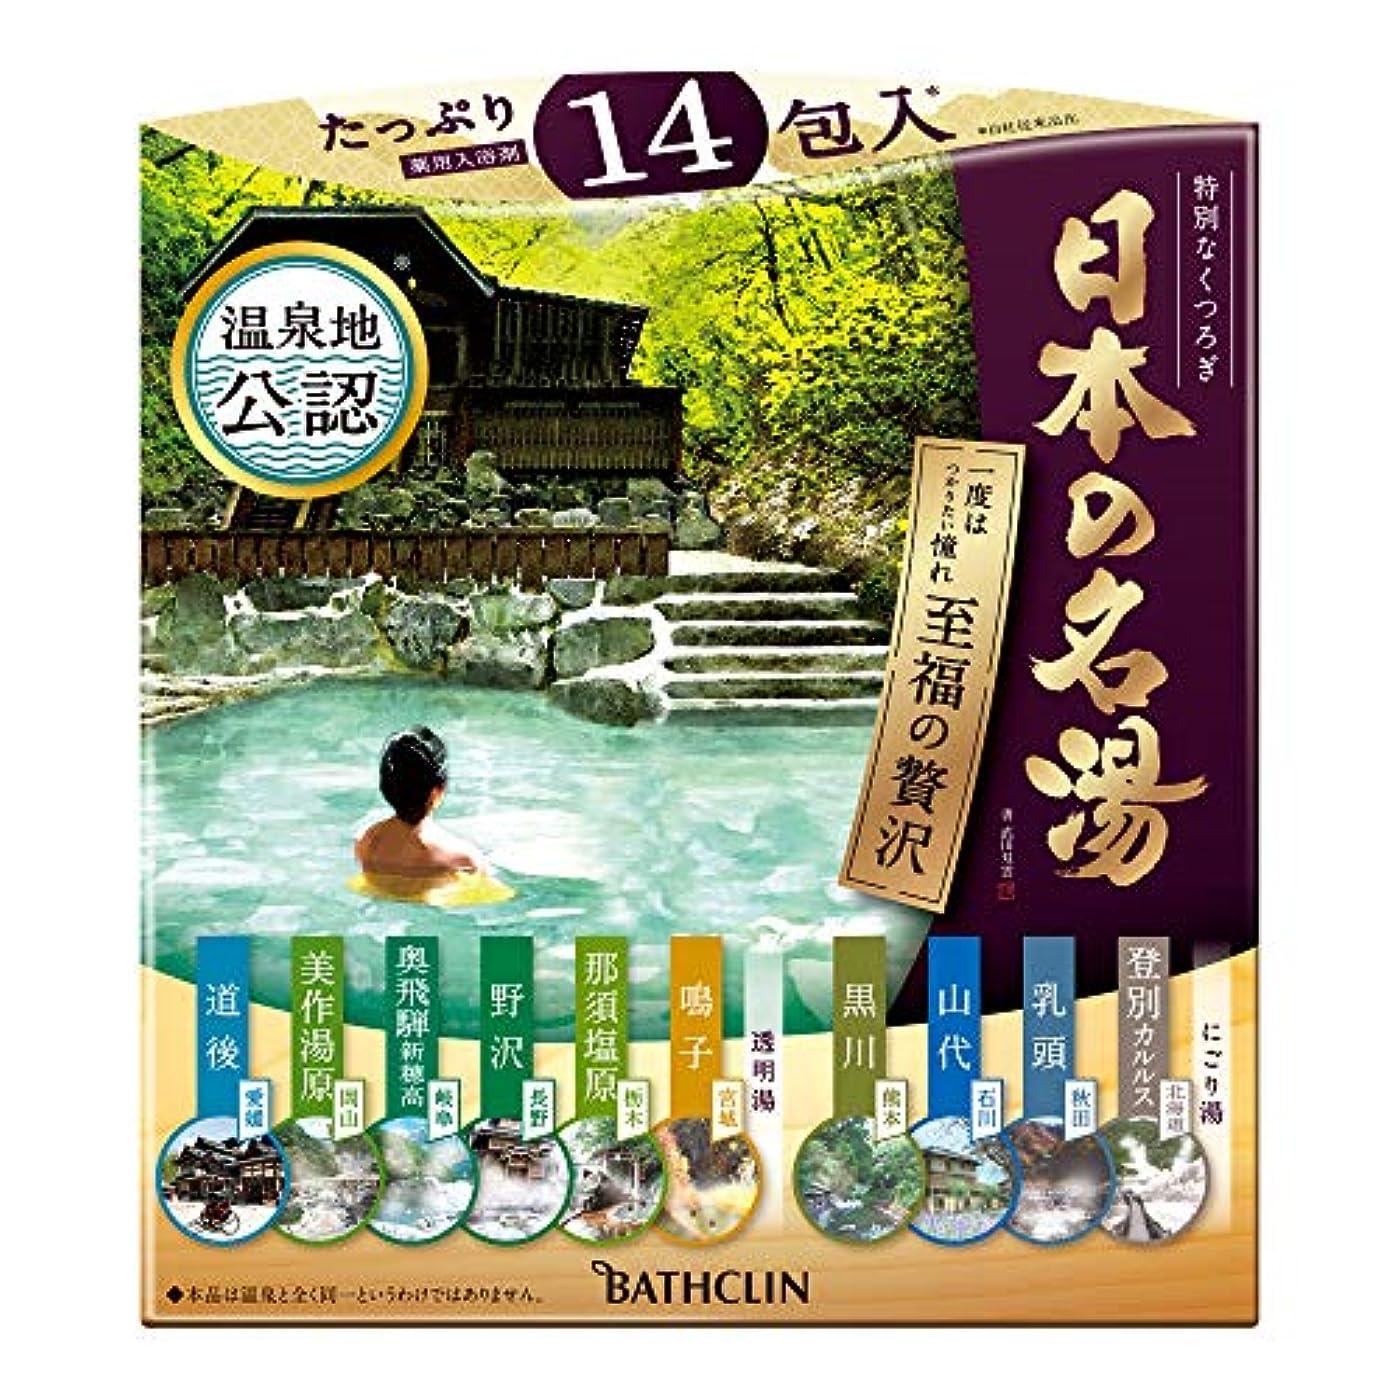 同時アライアンスレイアウト【医薬部外品】バスクリン 日本の名湯 入浴剤 至福の贅沢 30g×14包 個包装詰め合わせ 温泉タイプ